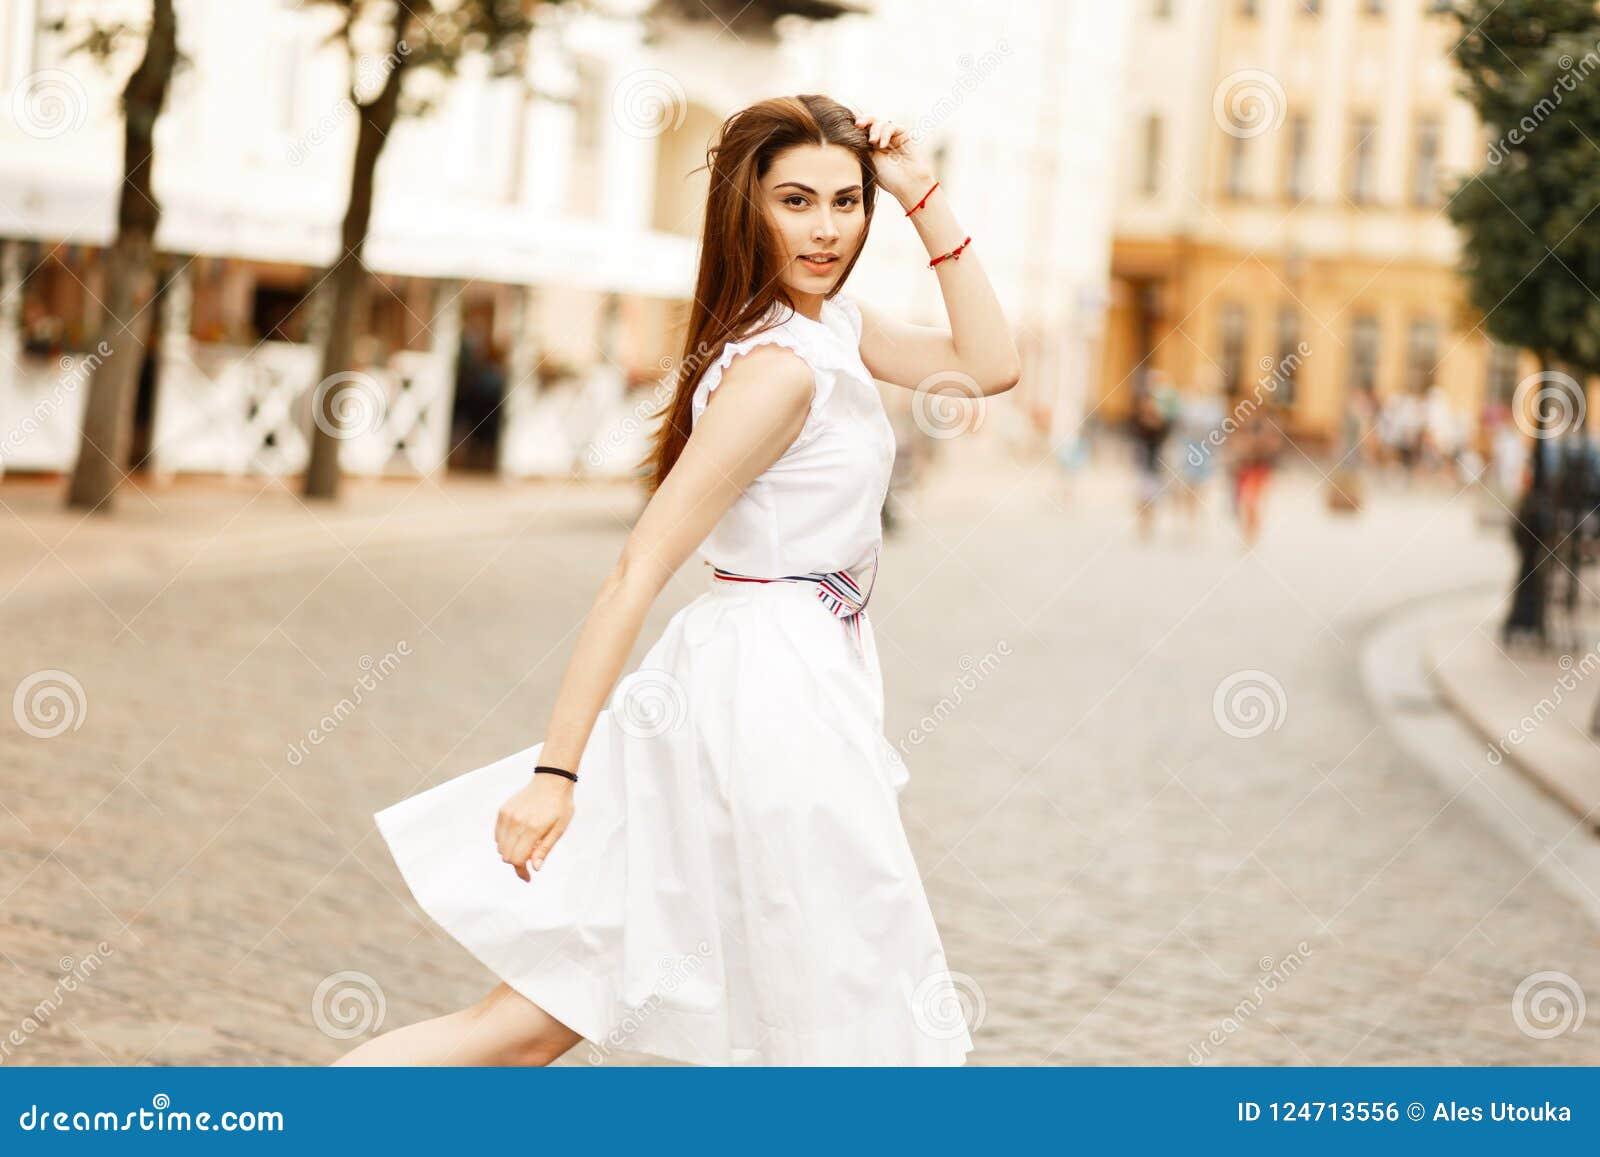 2af44593dde5 Il bello modello della giovane donna in vestito bianco alla moda sta  camminando sulla via e sta esaminando la macchina fotografica